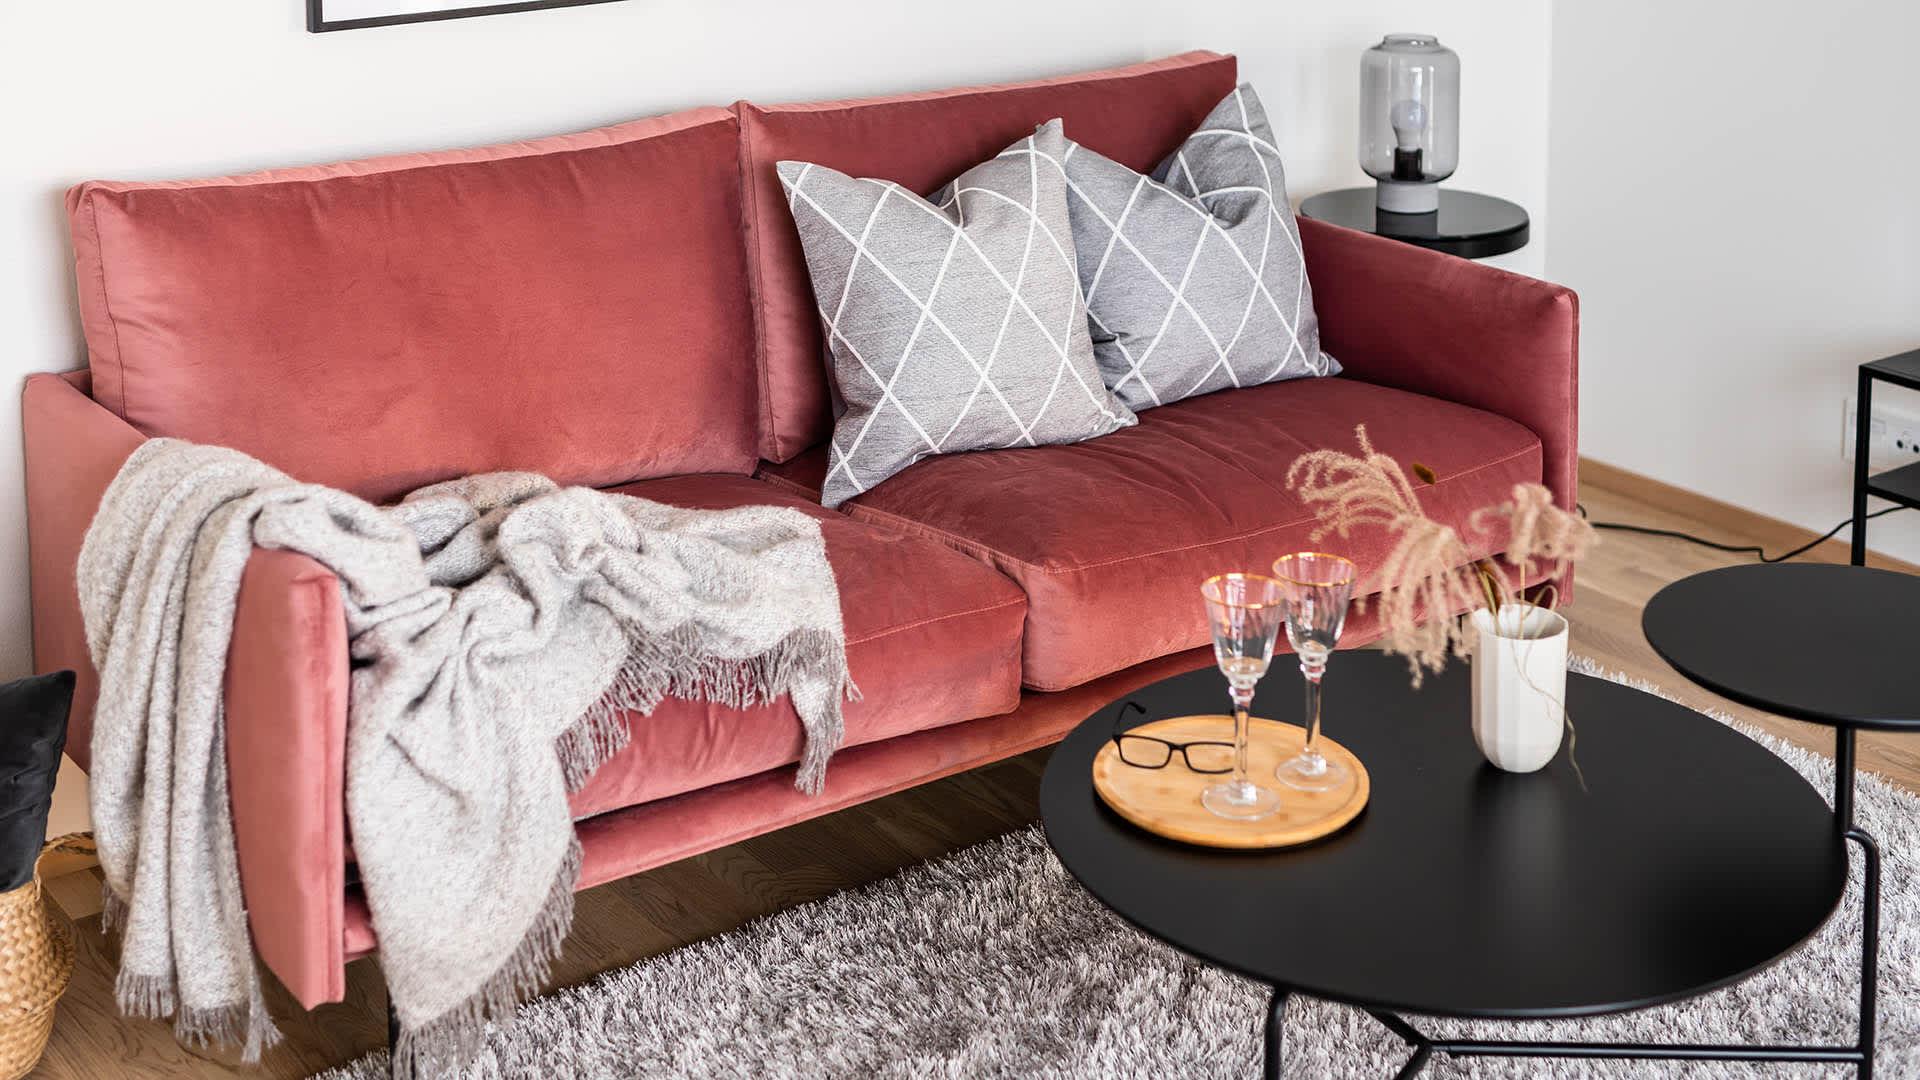 Tutustu myytäviin asuntoihin Porvoossa!